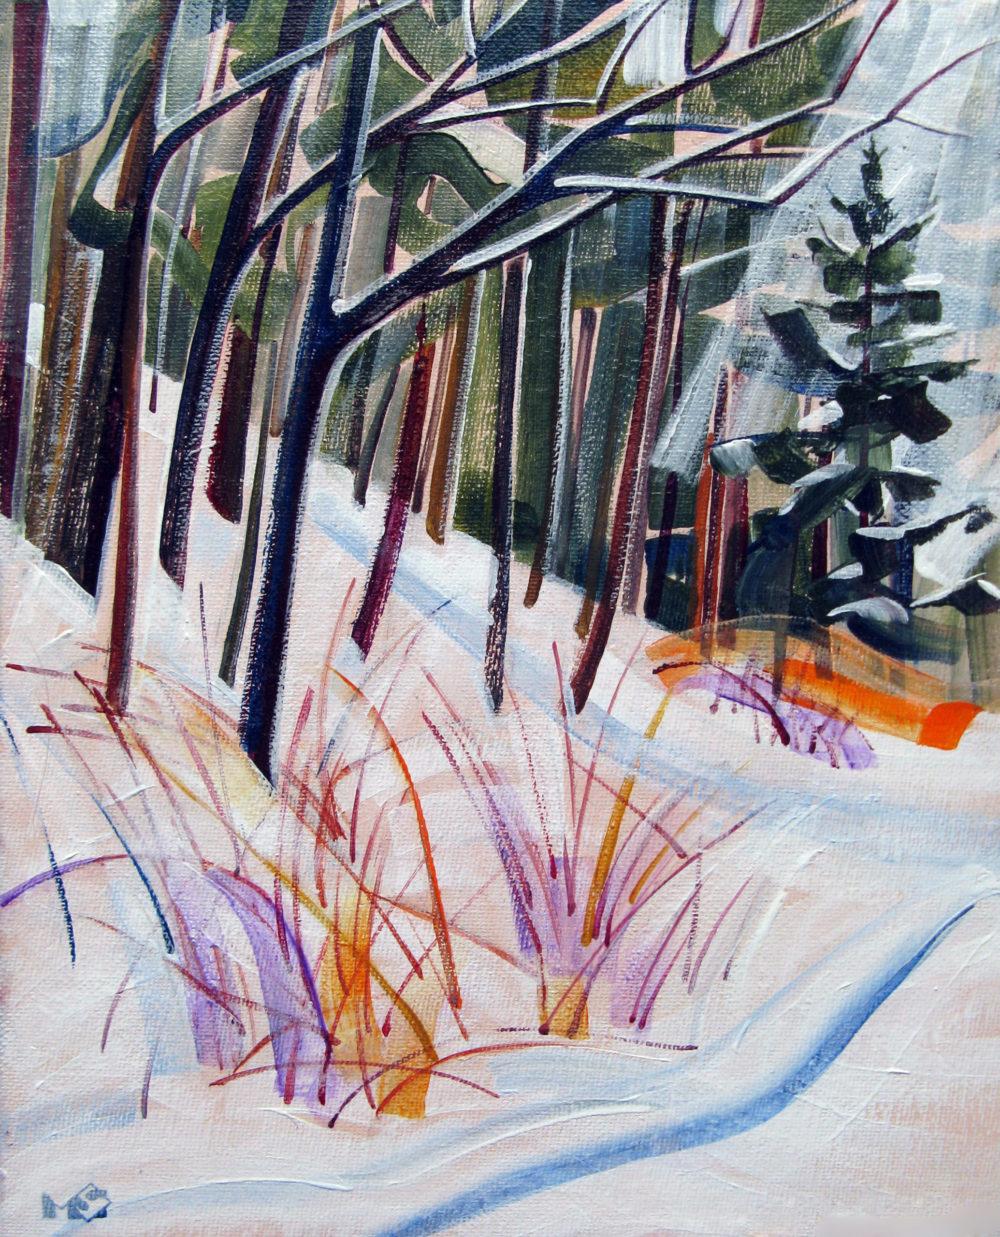 Snowy Fir - Maria Sarkany